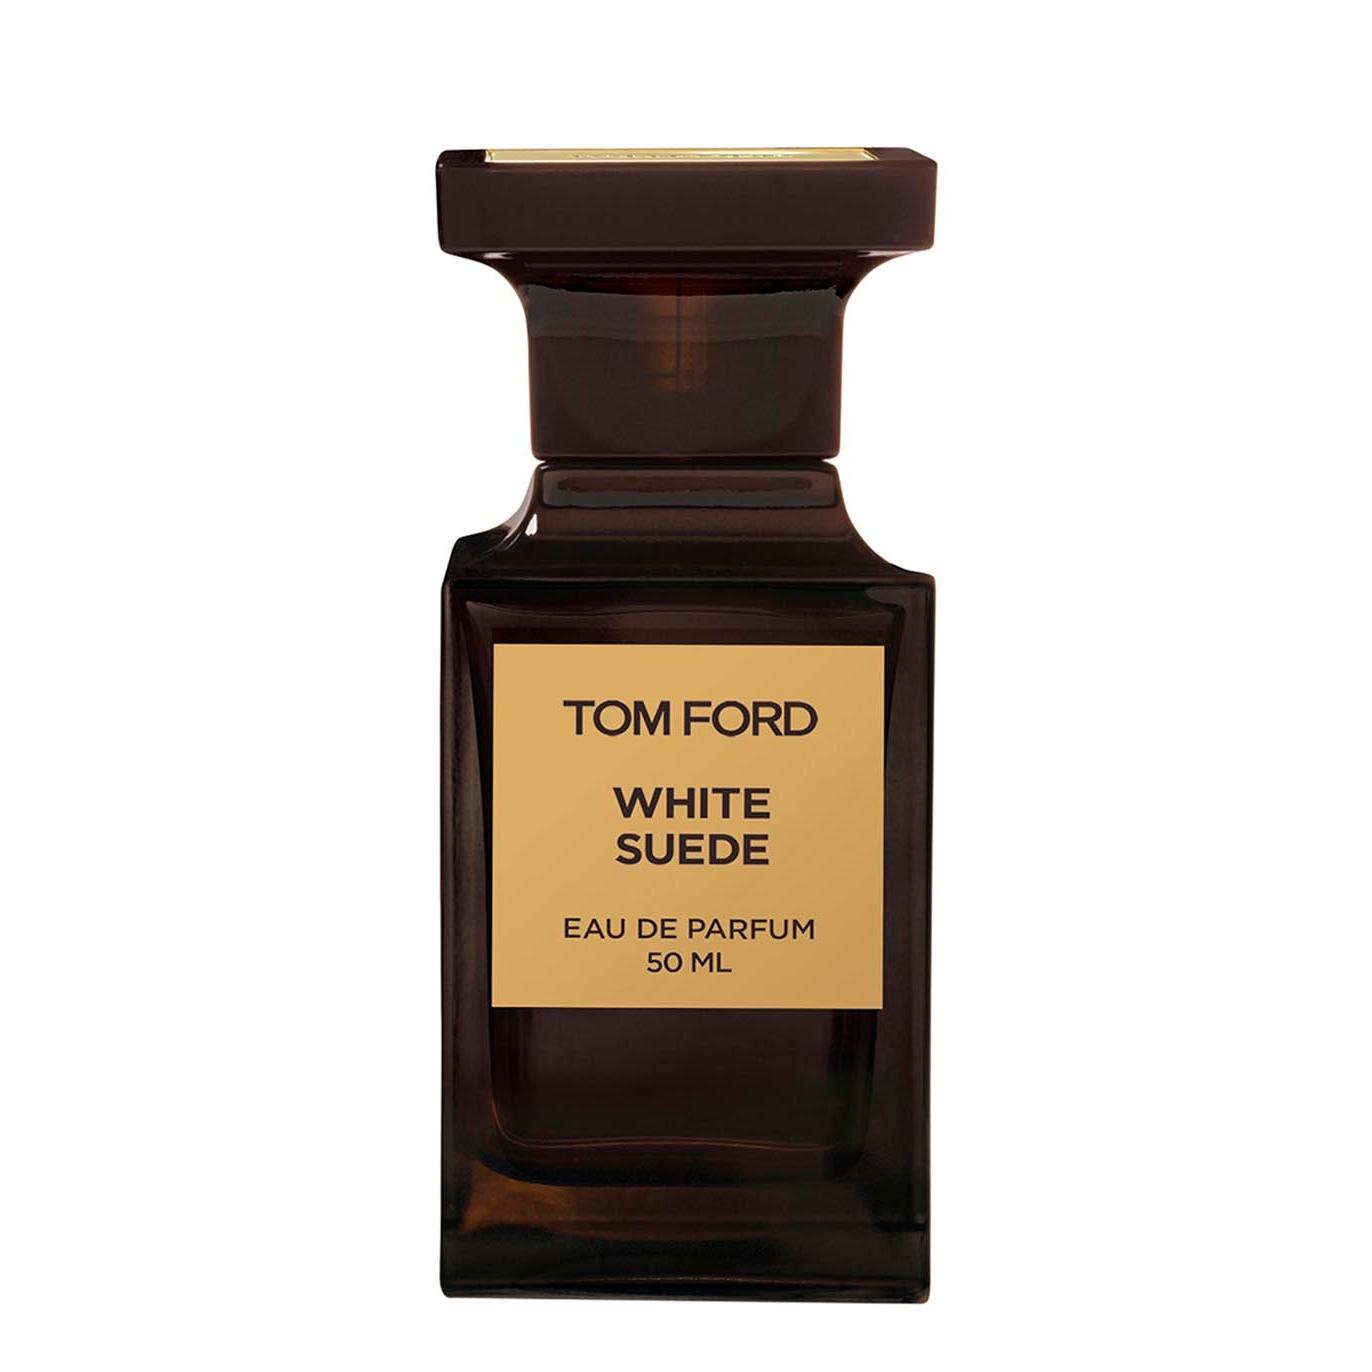 e4a3219a24c Tom Ford White Suede Eau De Parfum 50ml - Harvey Nichols